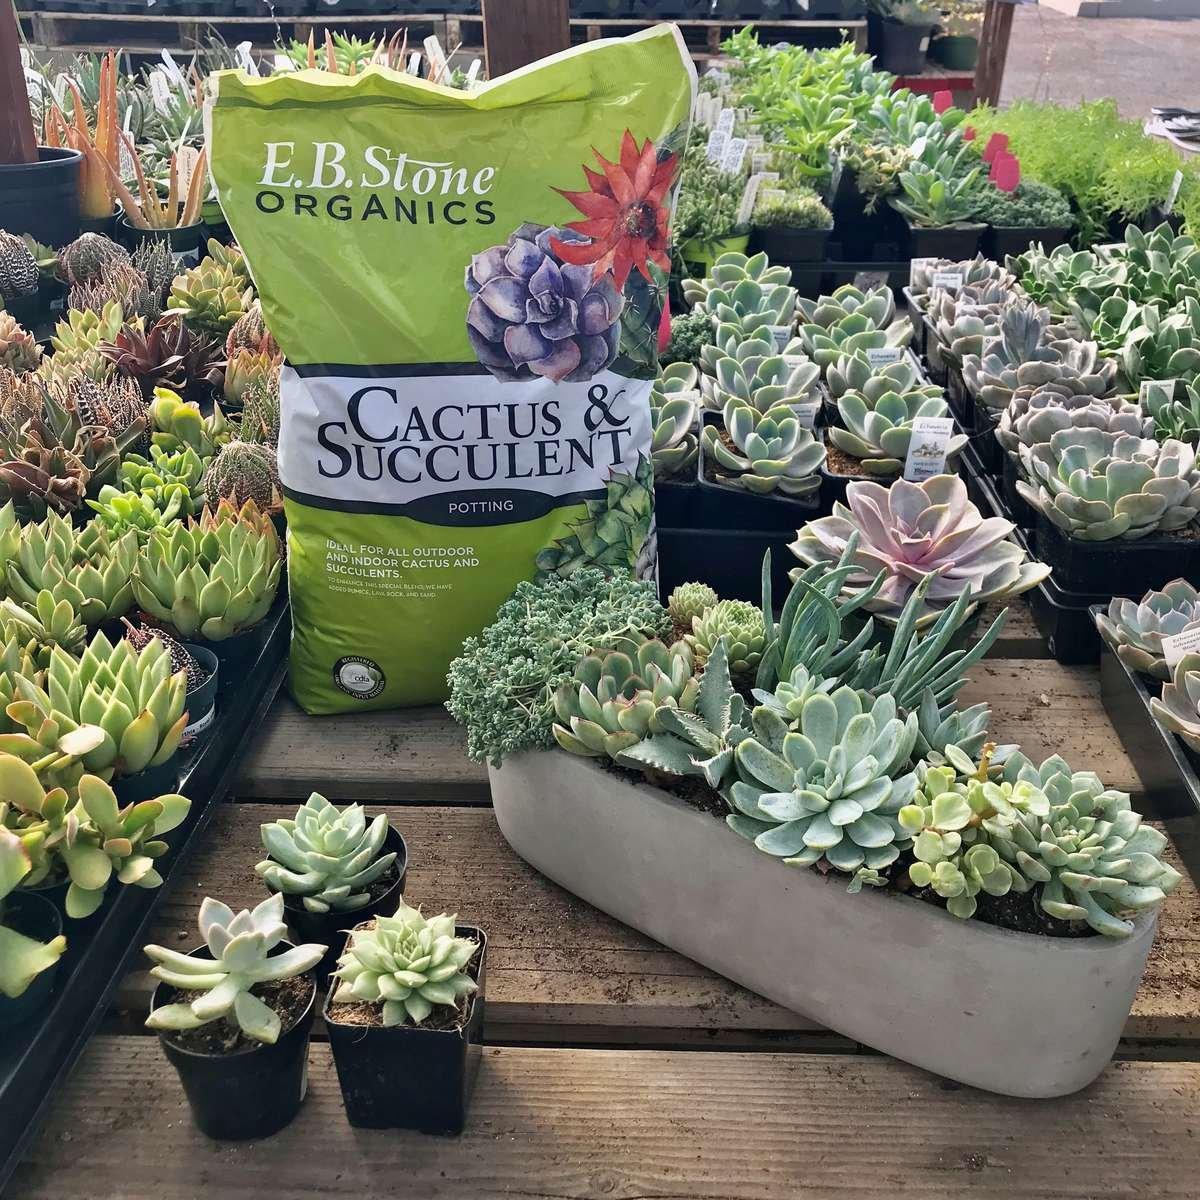 Succulent Bowl, Soil, Table of Succulents